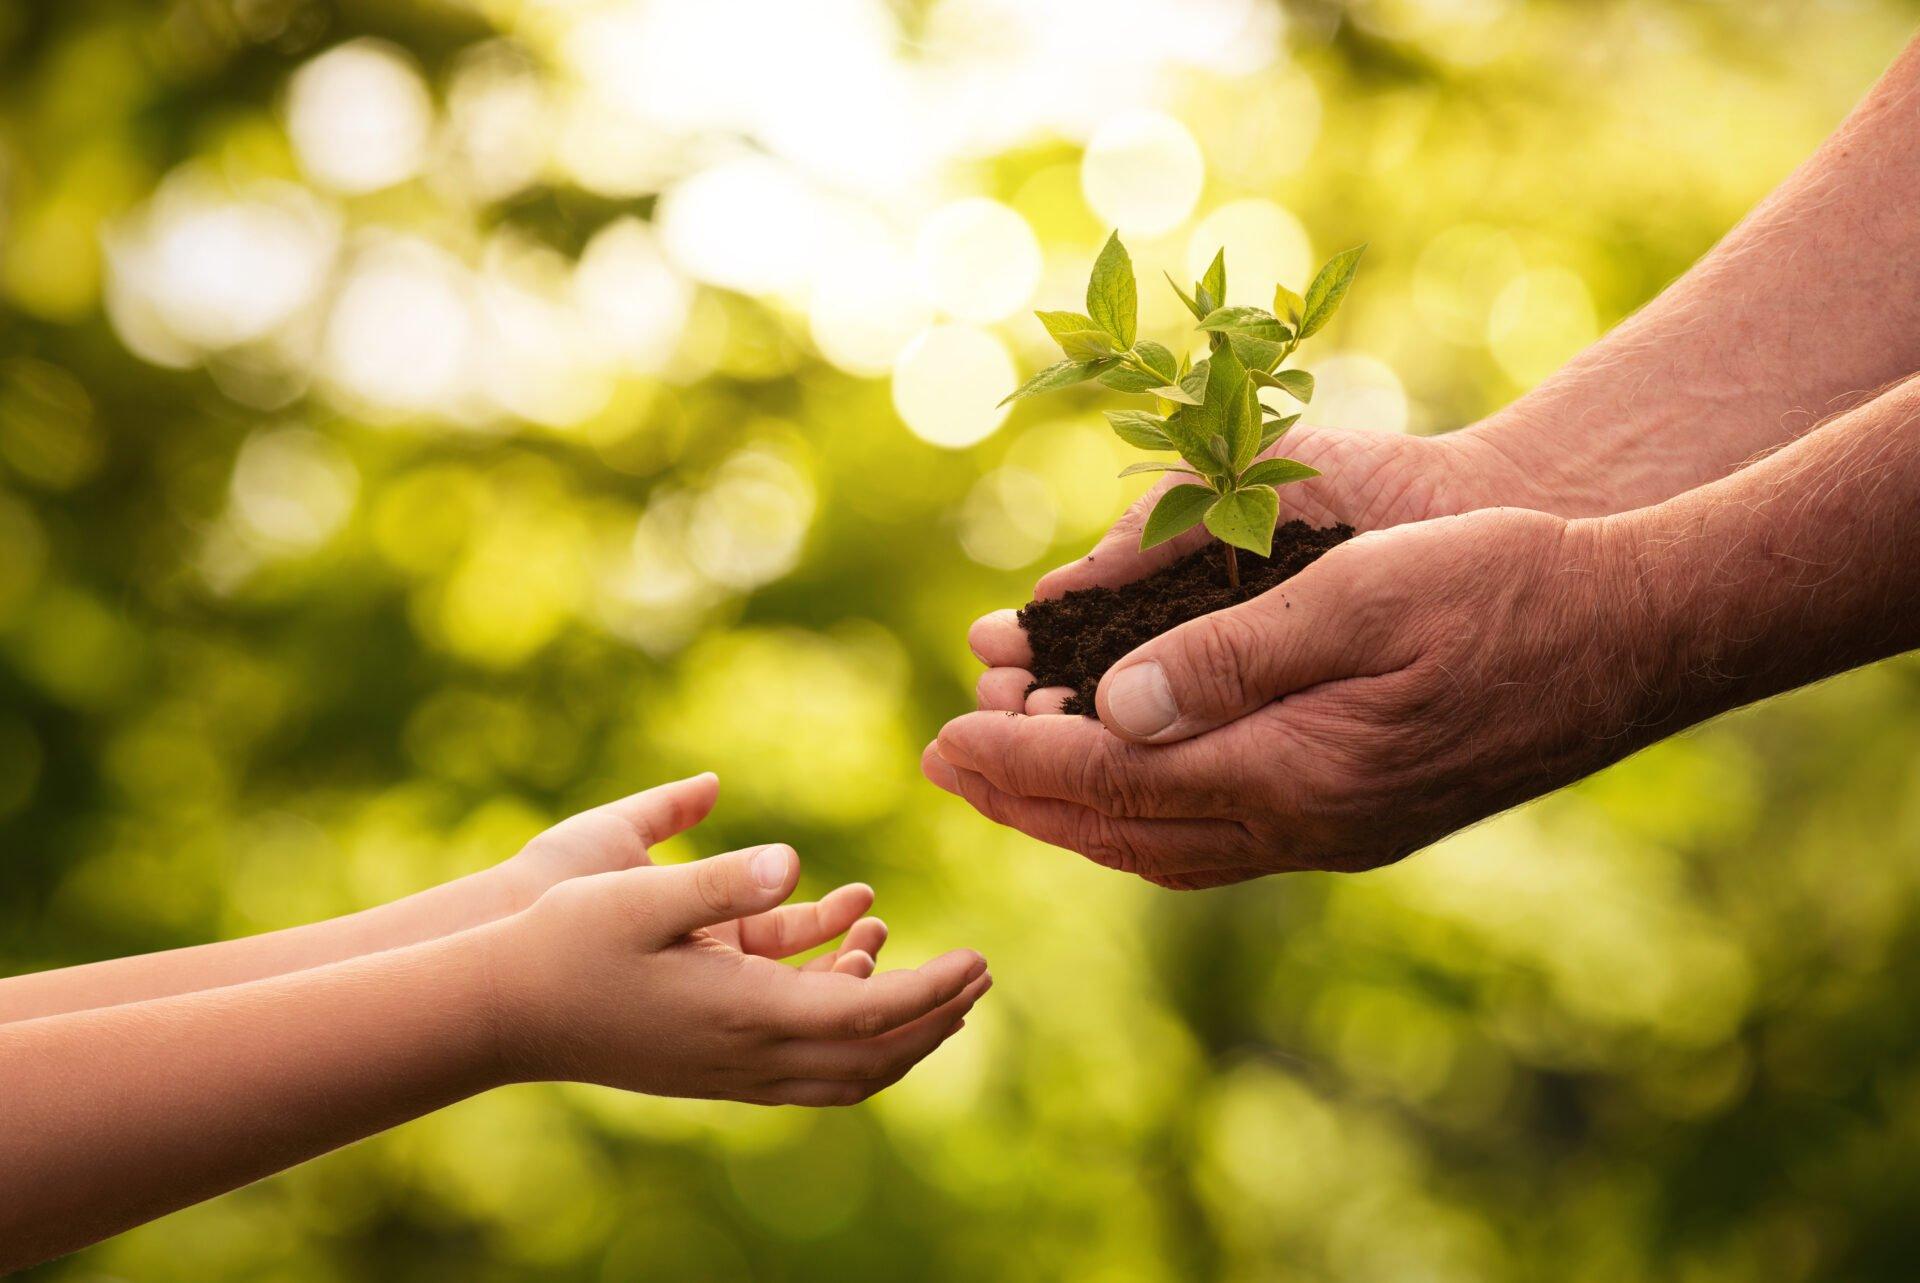 mies ojentaa lapselle taimen